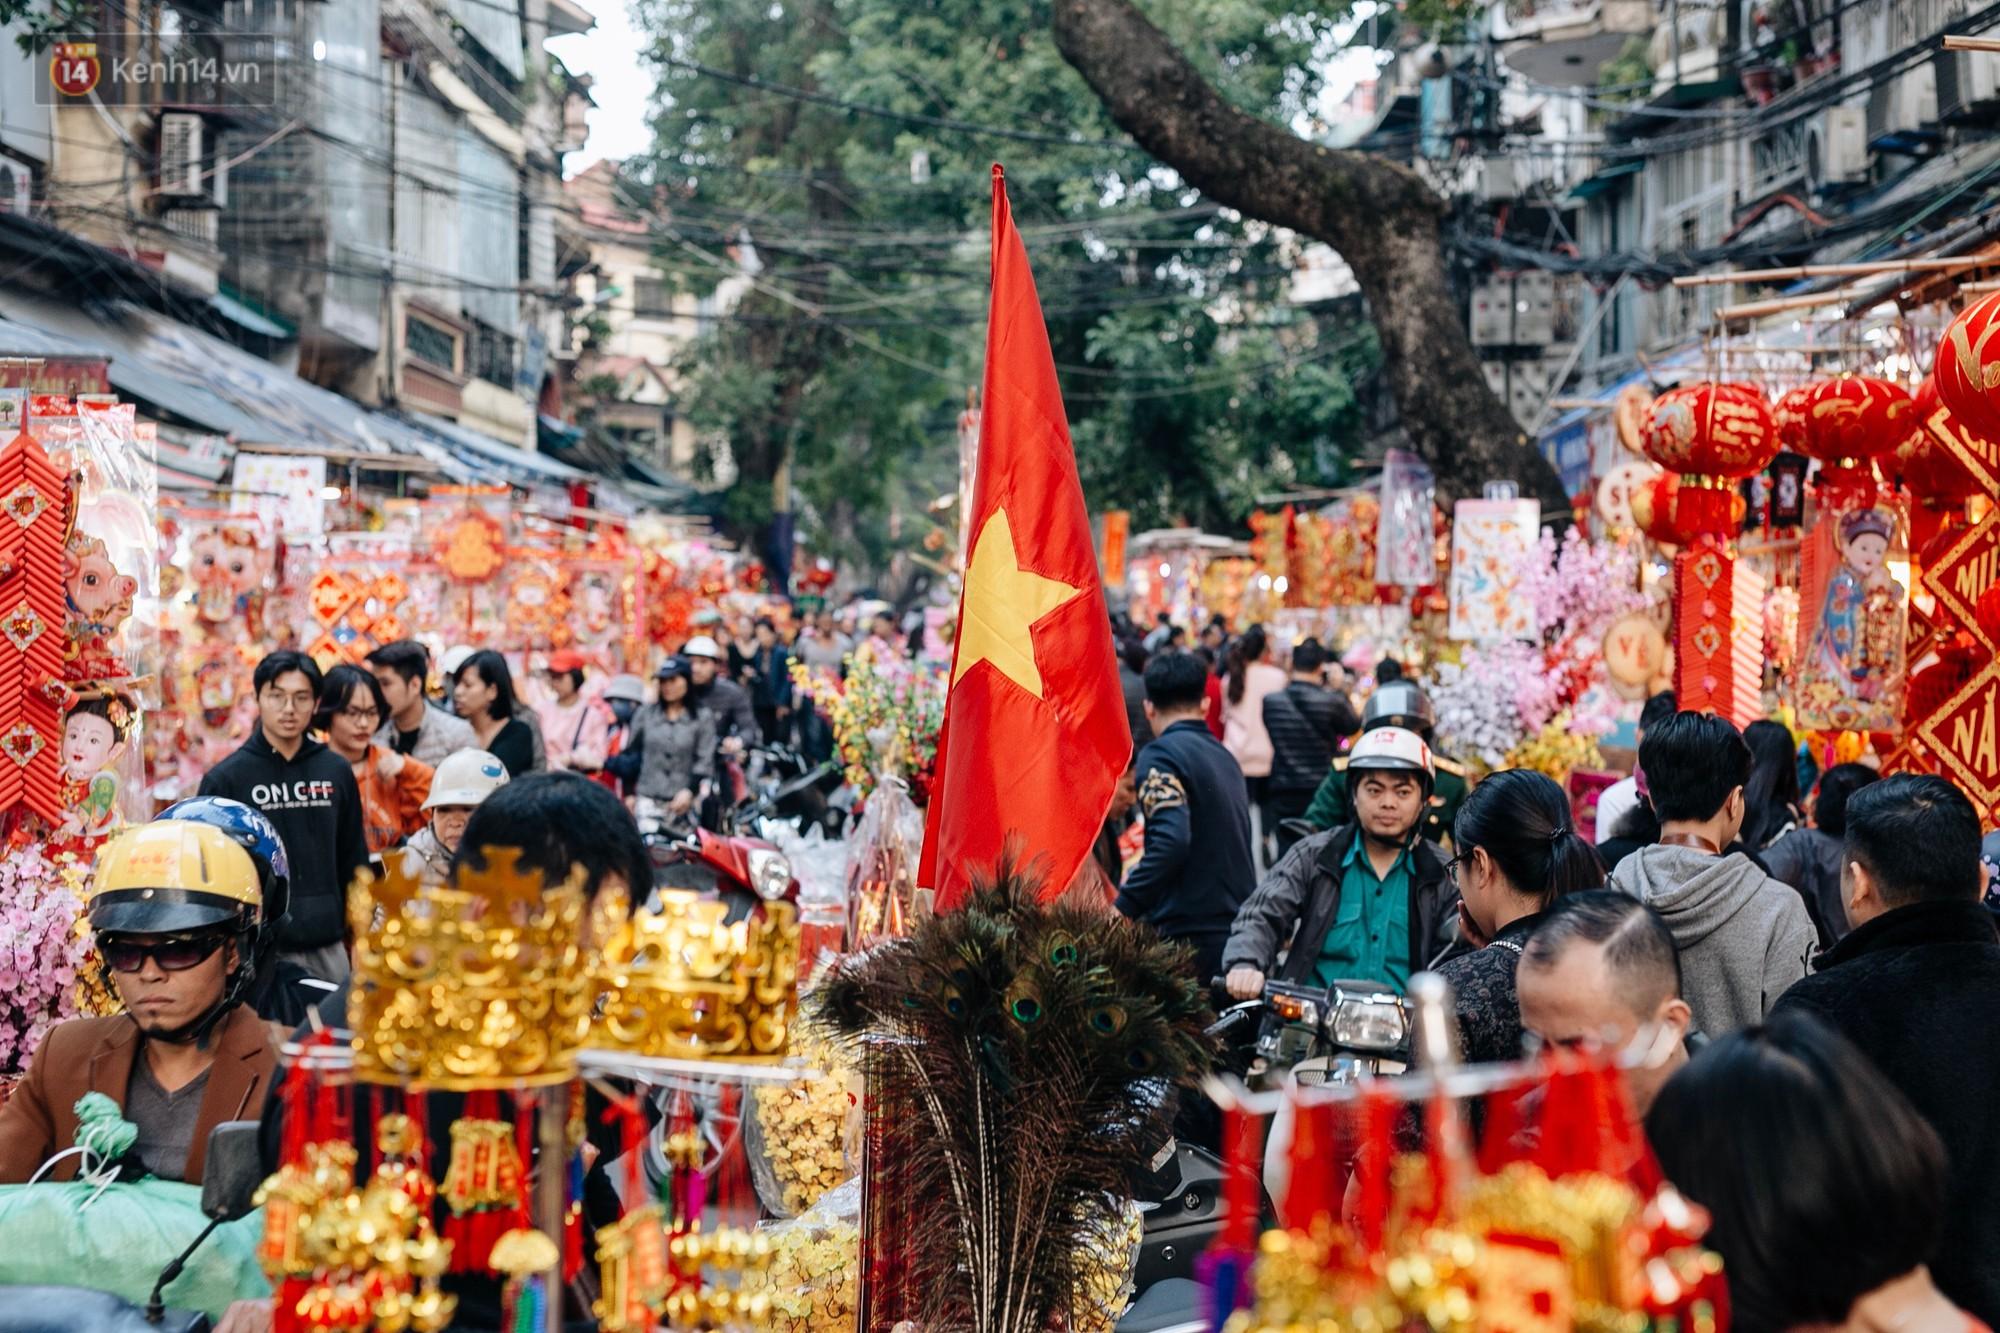 Rộn ràng không khí Tết tại chợ hoa Hàng Lược - phiên chợ truyền thống lâu đời nhất ở Hà Nội - Ảnh 4.